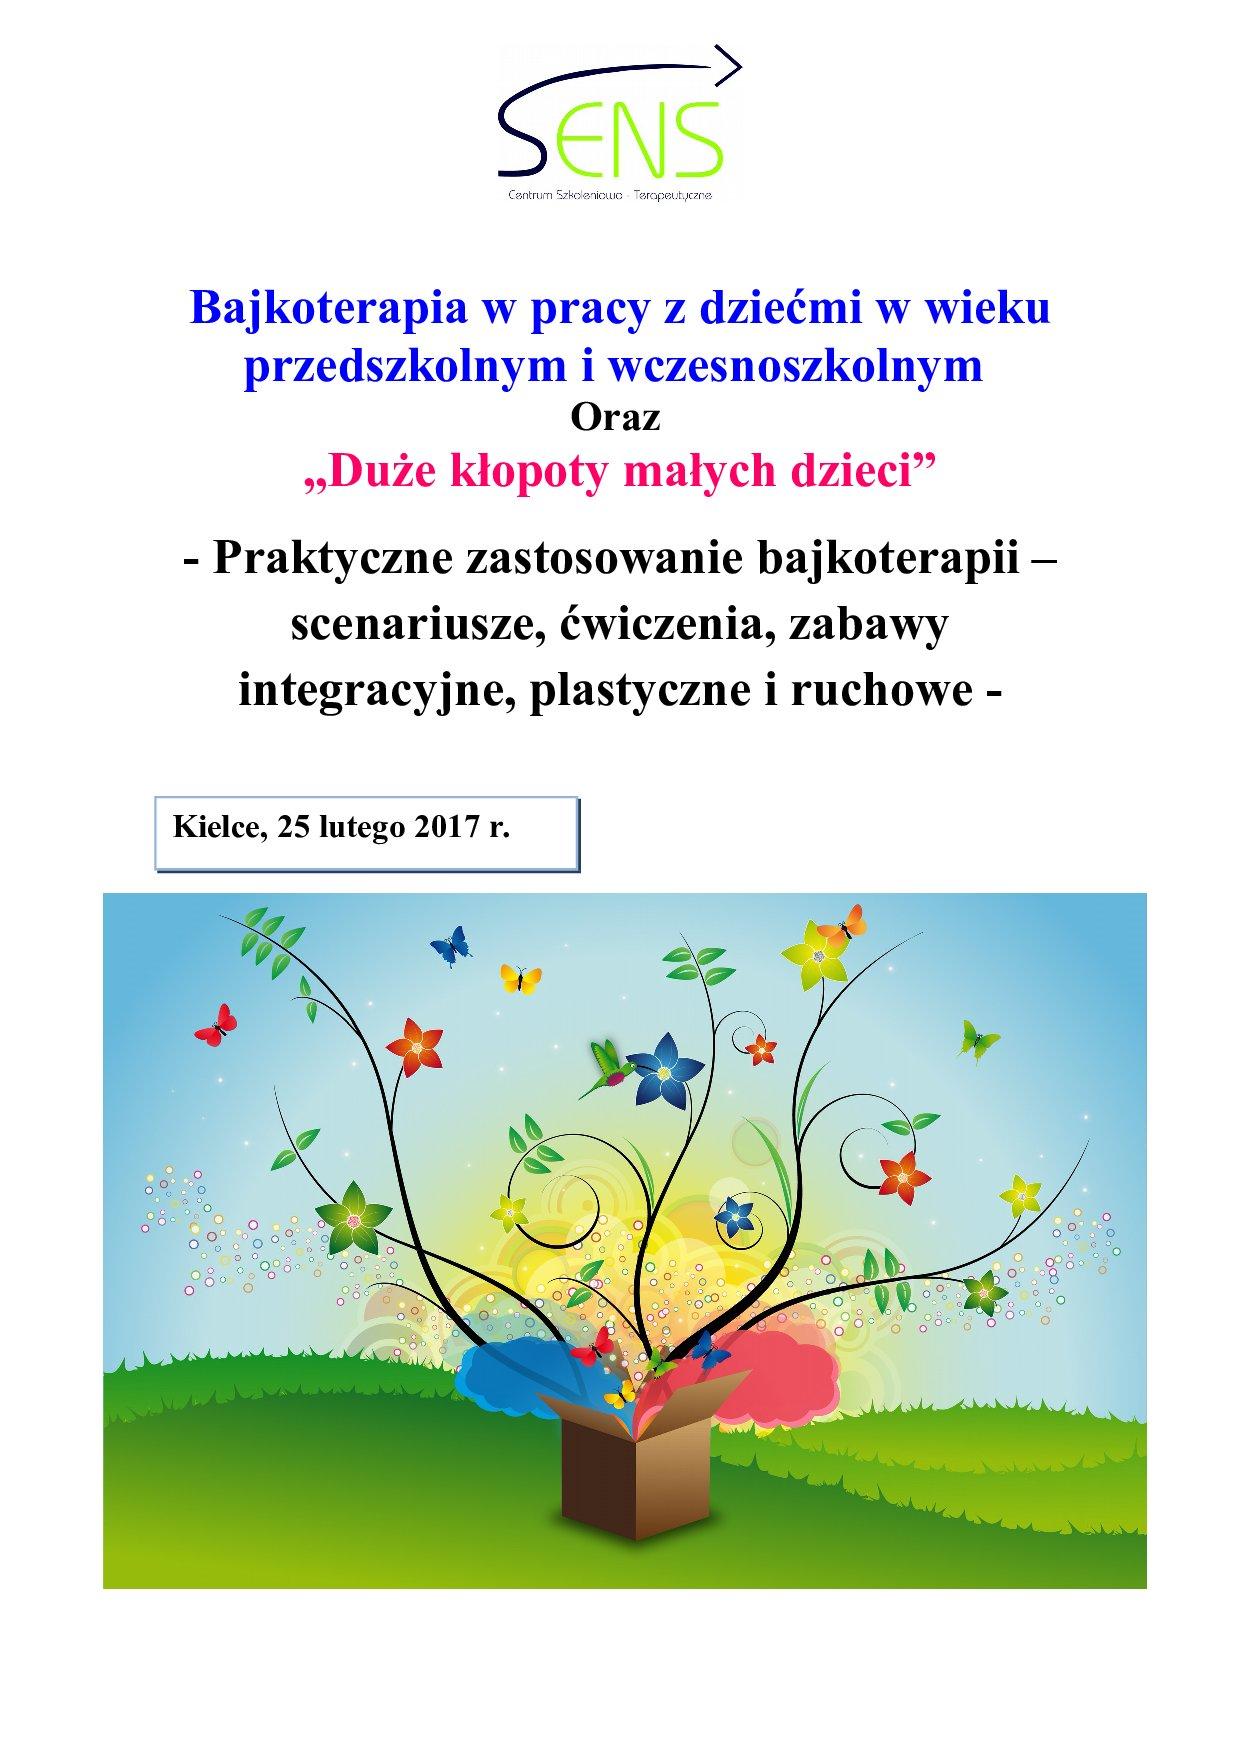 Kielce. Bajkoterapia. Szkolenie i warsztaty. 25.02.2017 r.